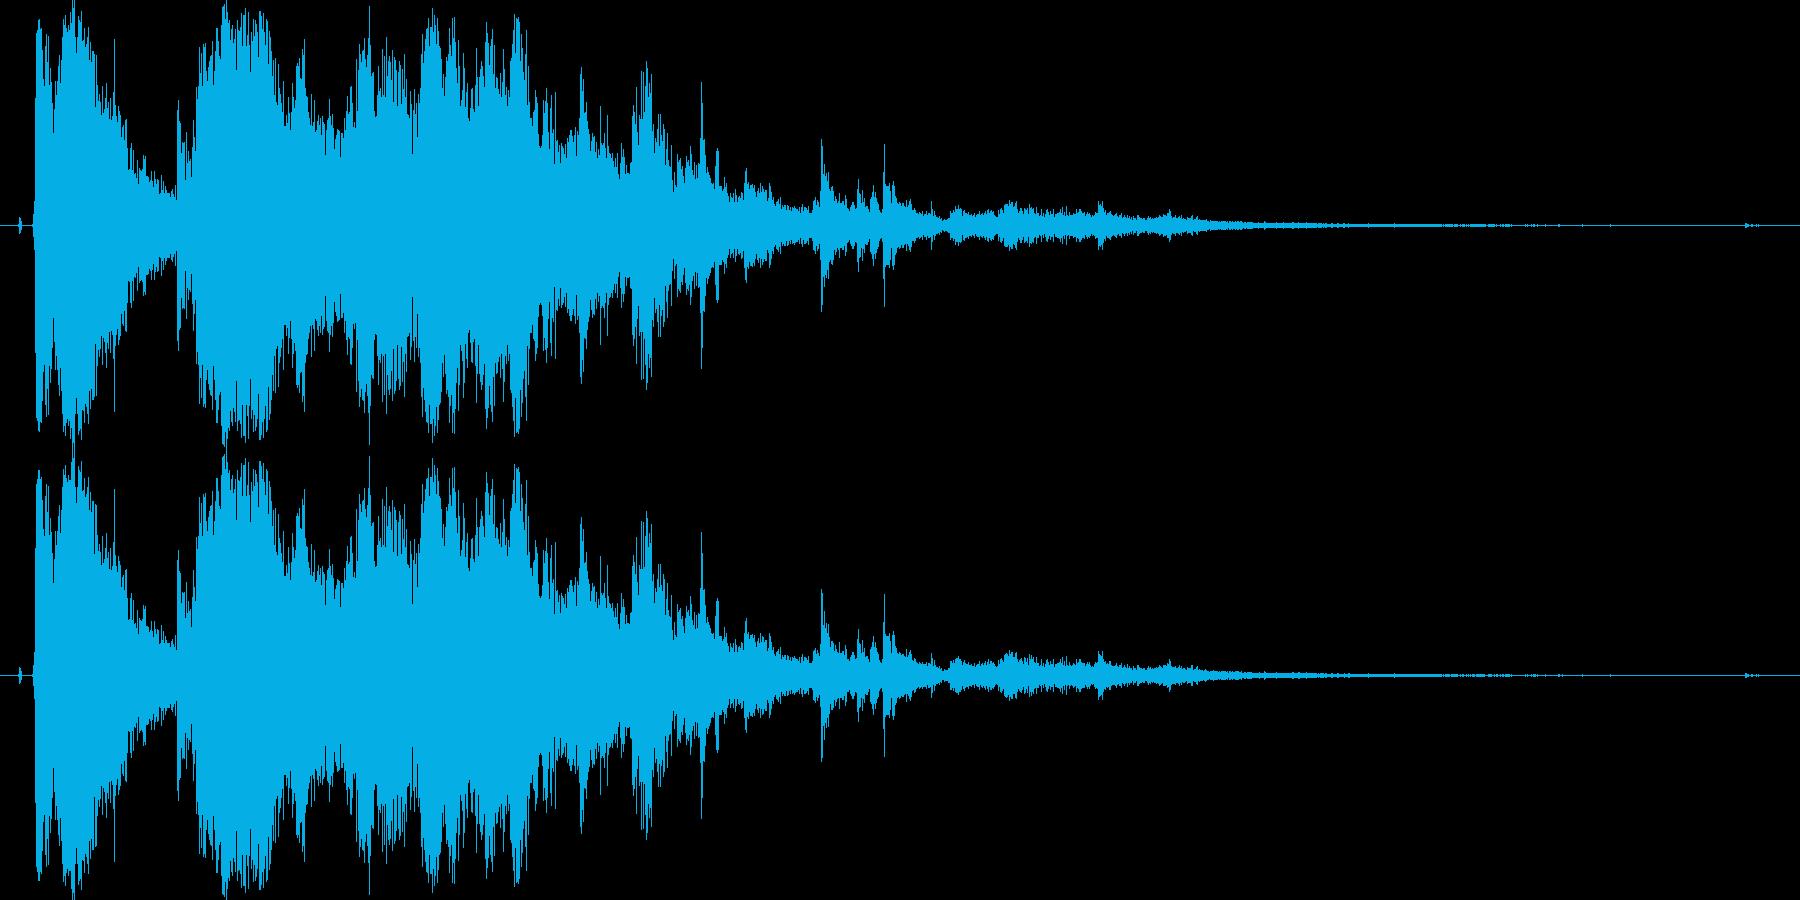 ガラスやグラスが勢いよく割れる効果音06の再生済みの波形